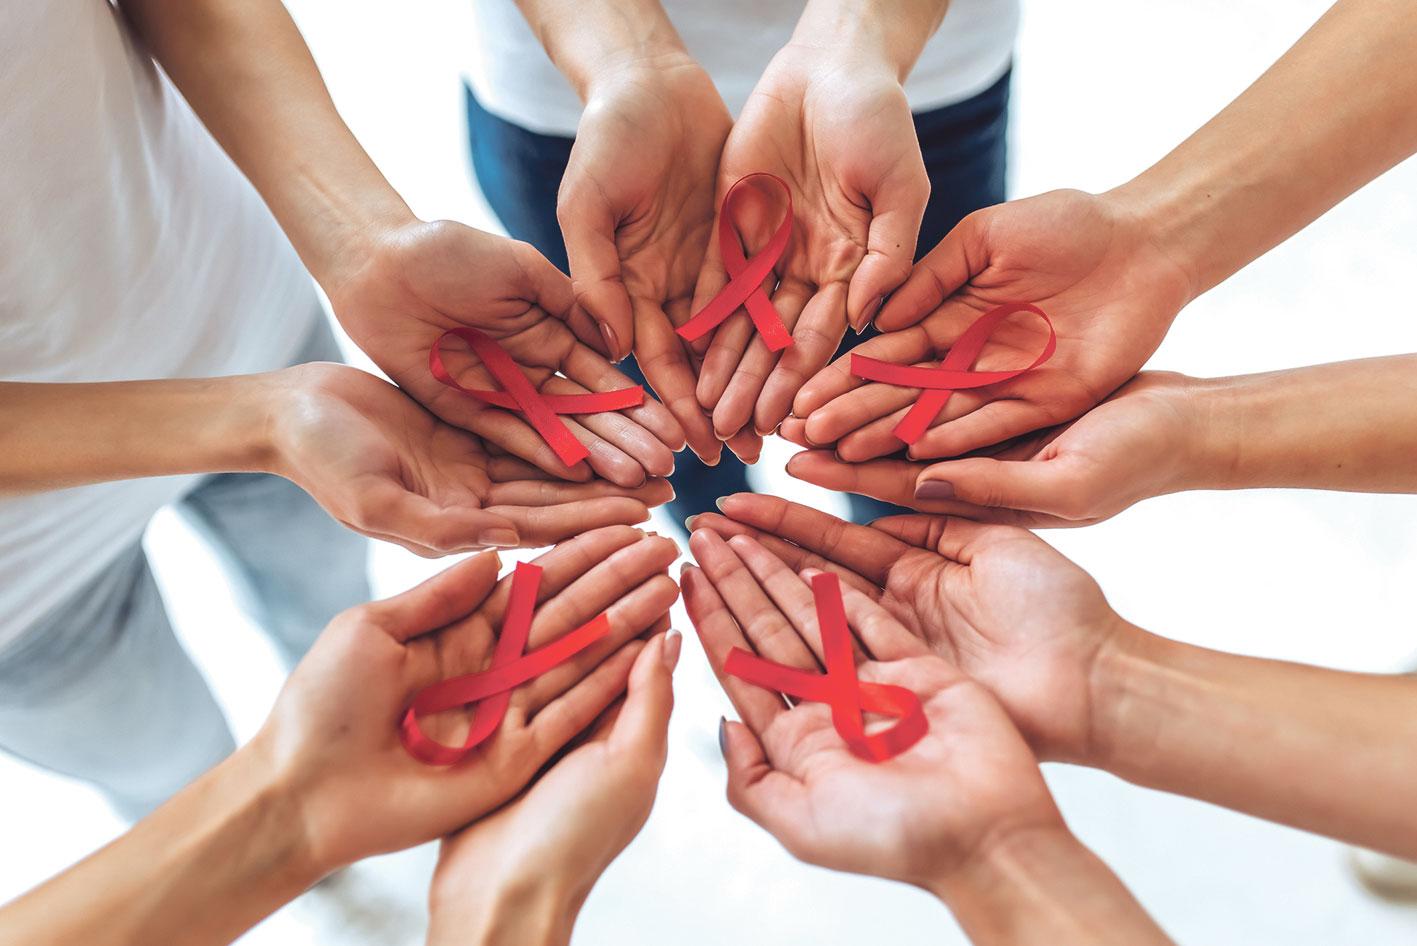 Fünf Händepaare mit jeweils einer roten Schleife auf der Handfläche.